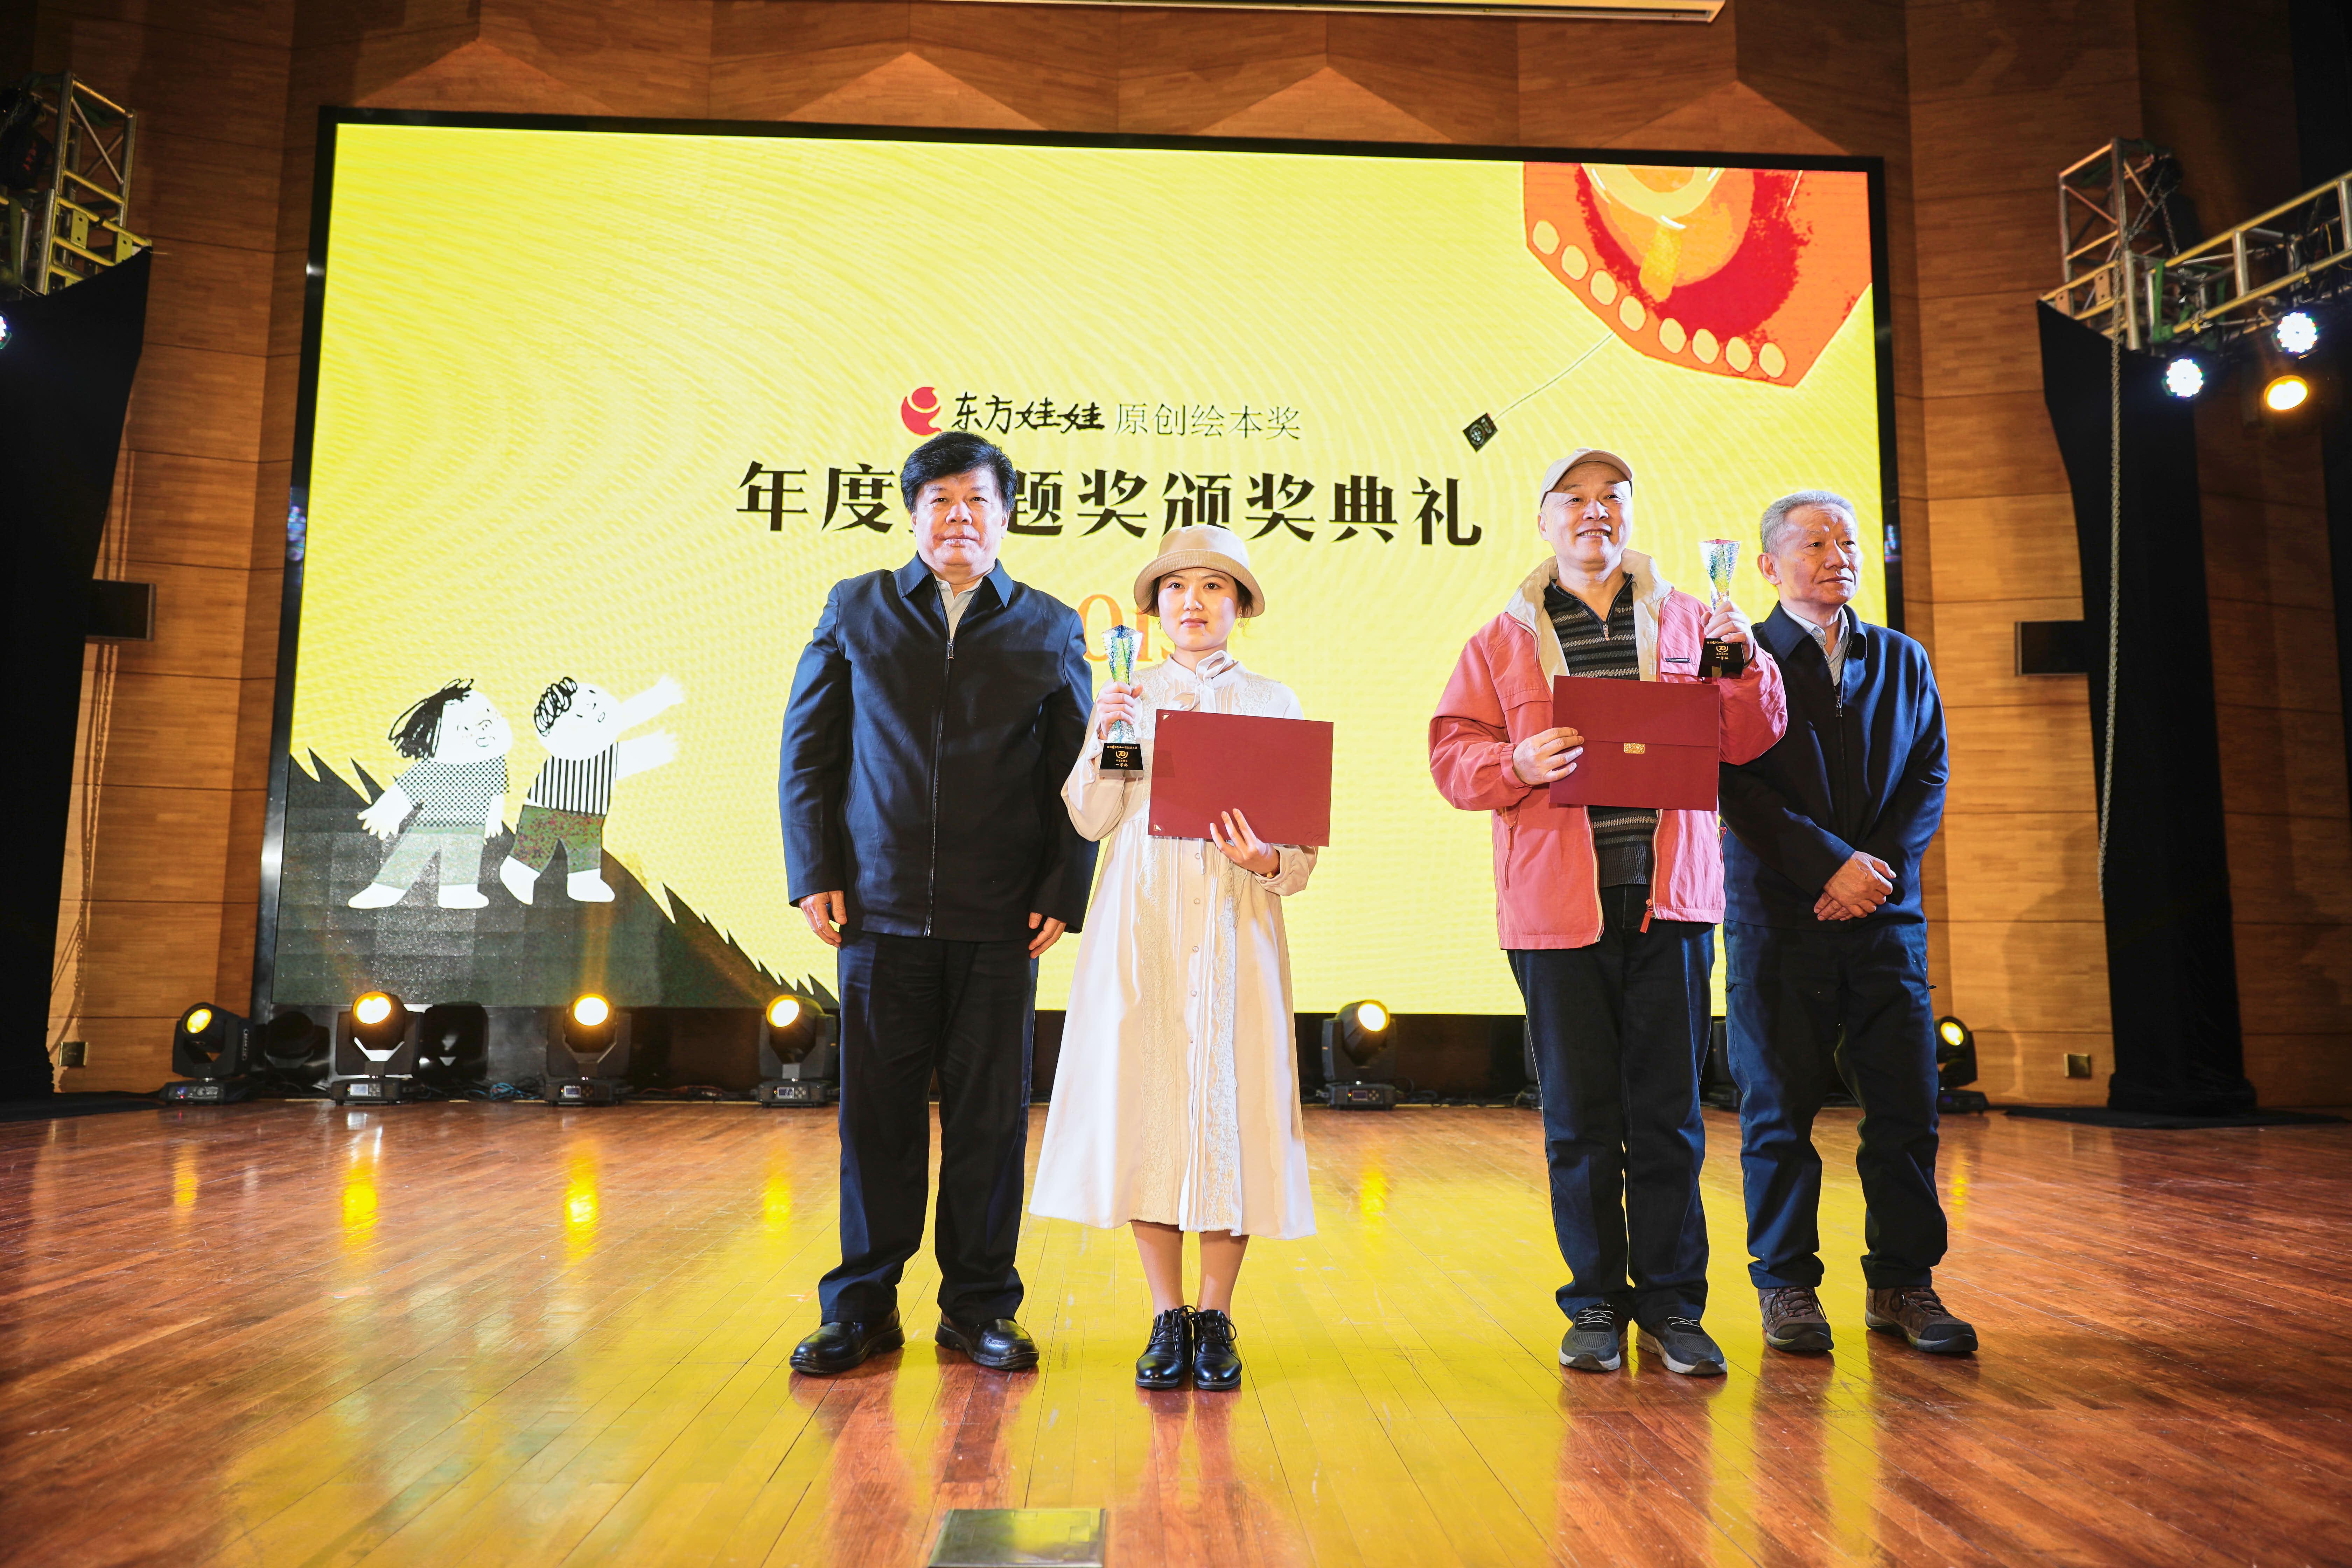 东方娃娃原创绘本奖——首届原创绘本论坛暨主题奖颁奖典礼在南京隆重开幕